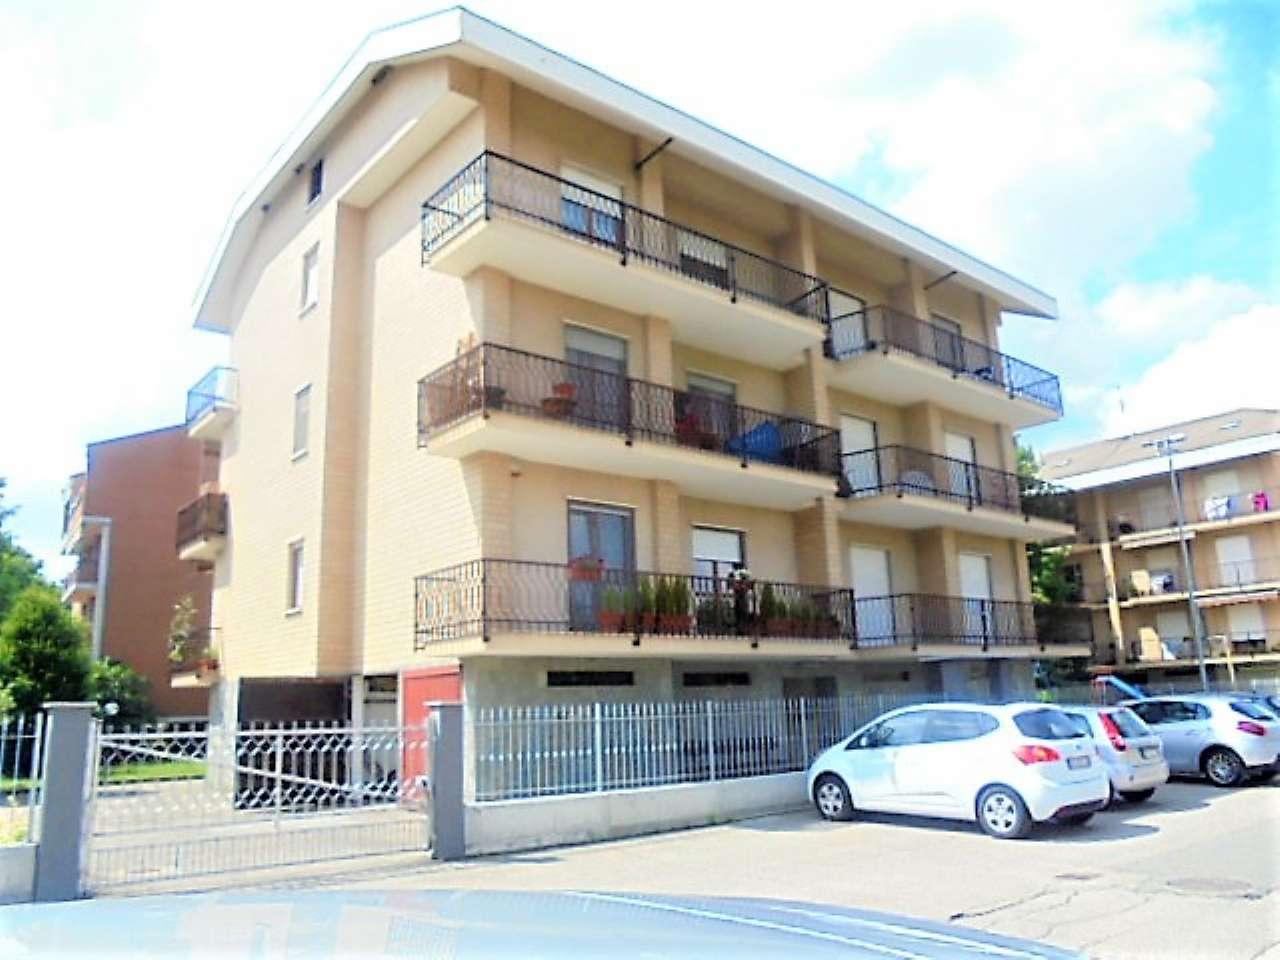 Appartamento in vendita a Santena, 4 locali, prezzo € 125.000 | CambioCasa.it